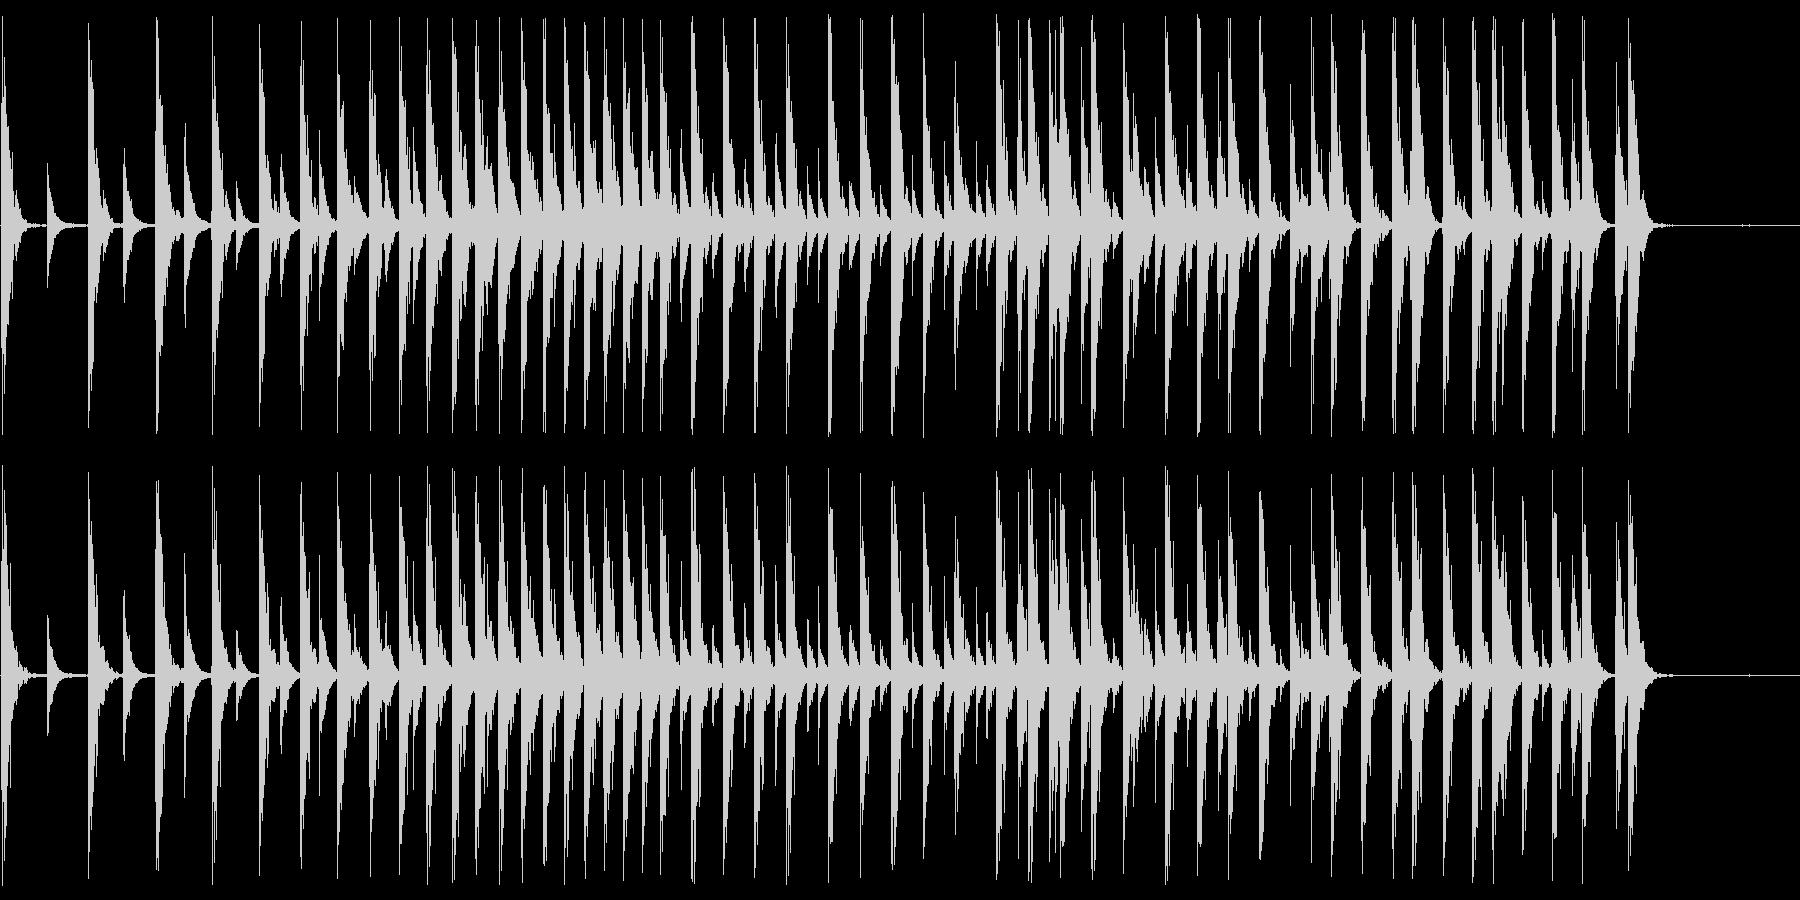 寄せ太鼓 大相撲のアレです。の未再生の波形